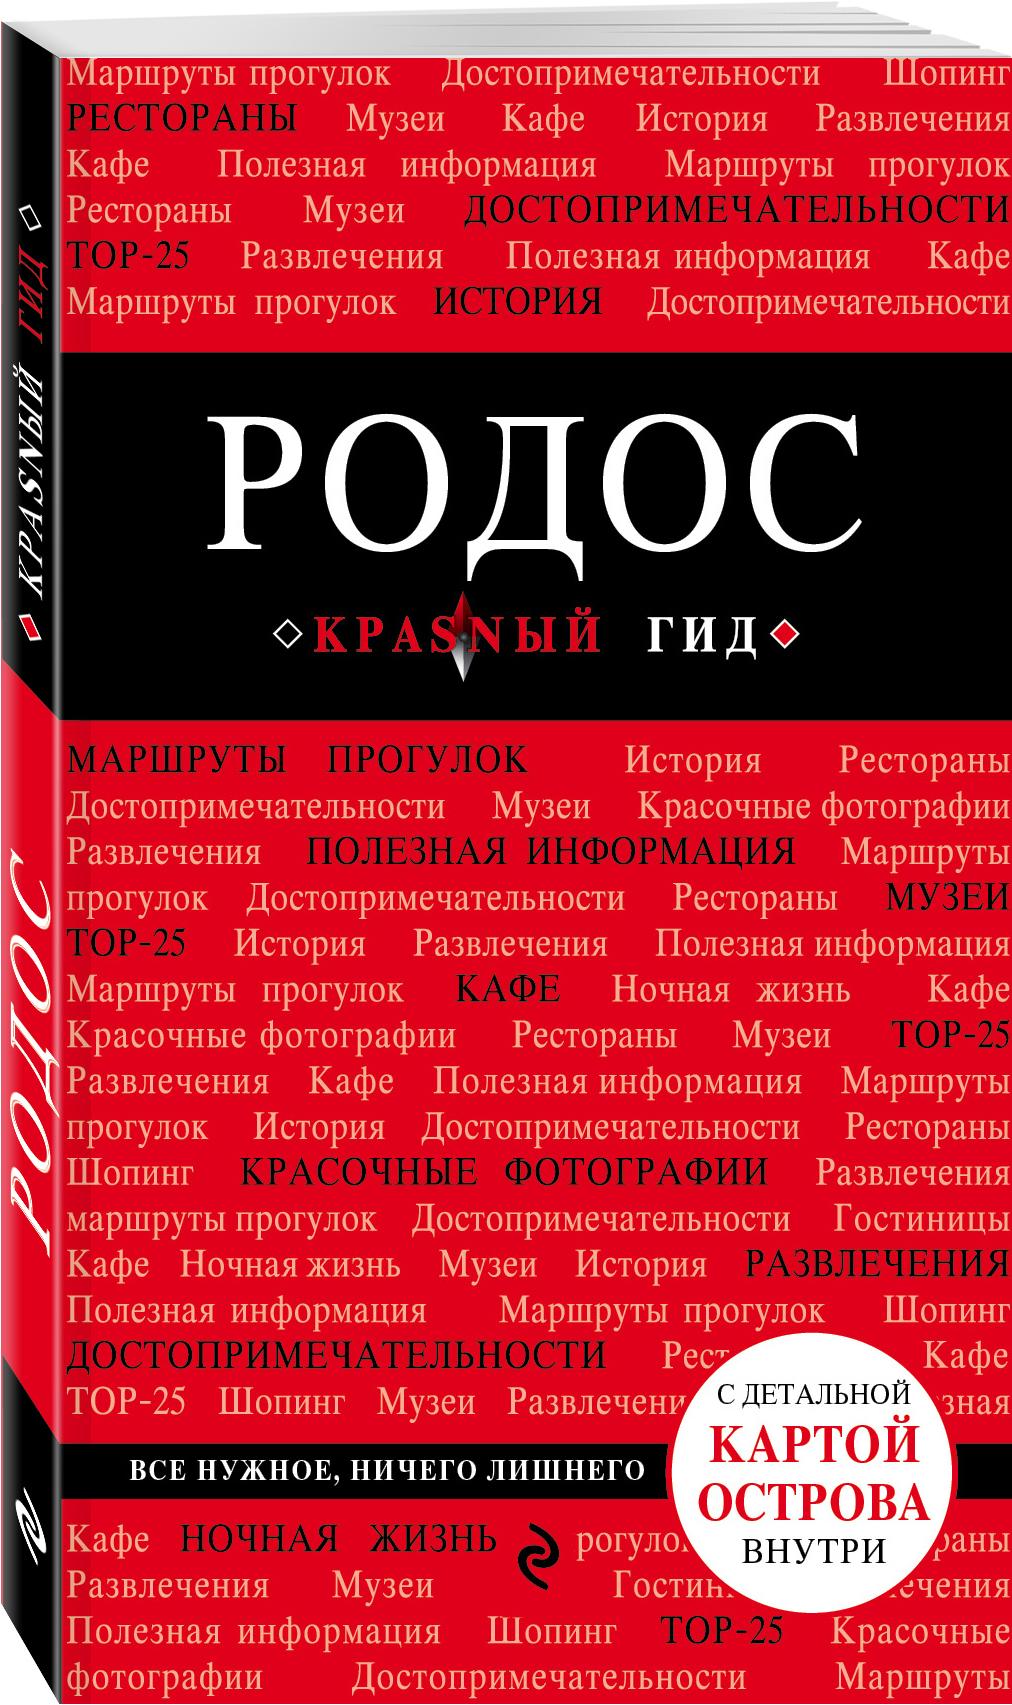 Анна Киберева Родос. 4-е изд., испр. и доп.